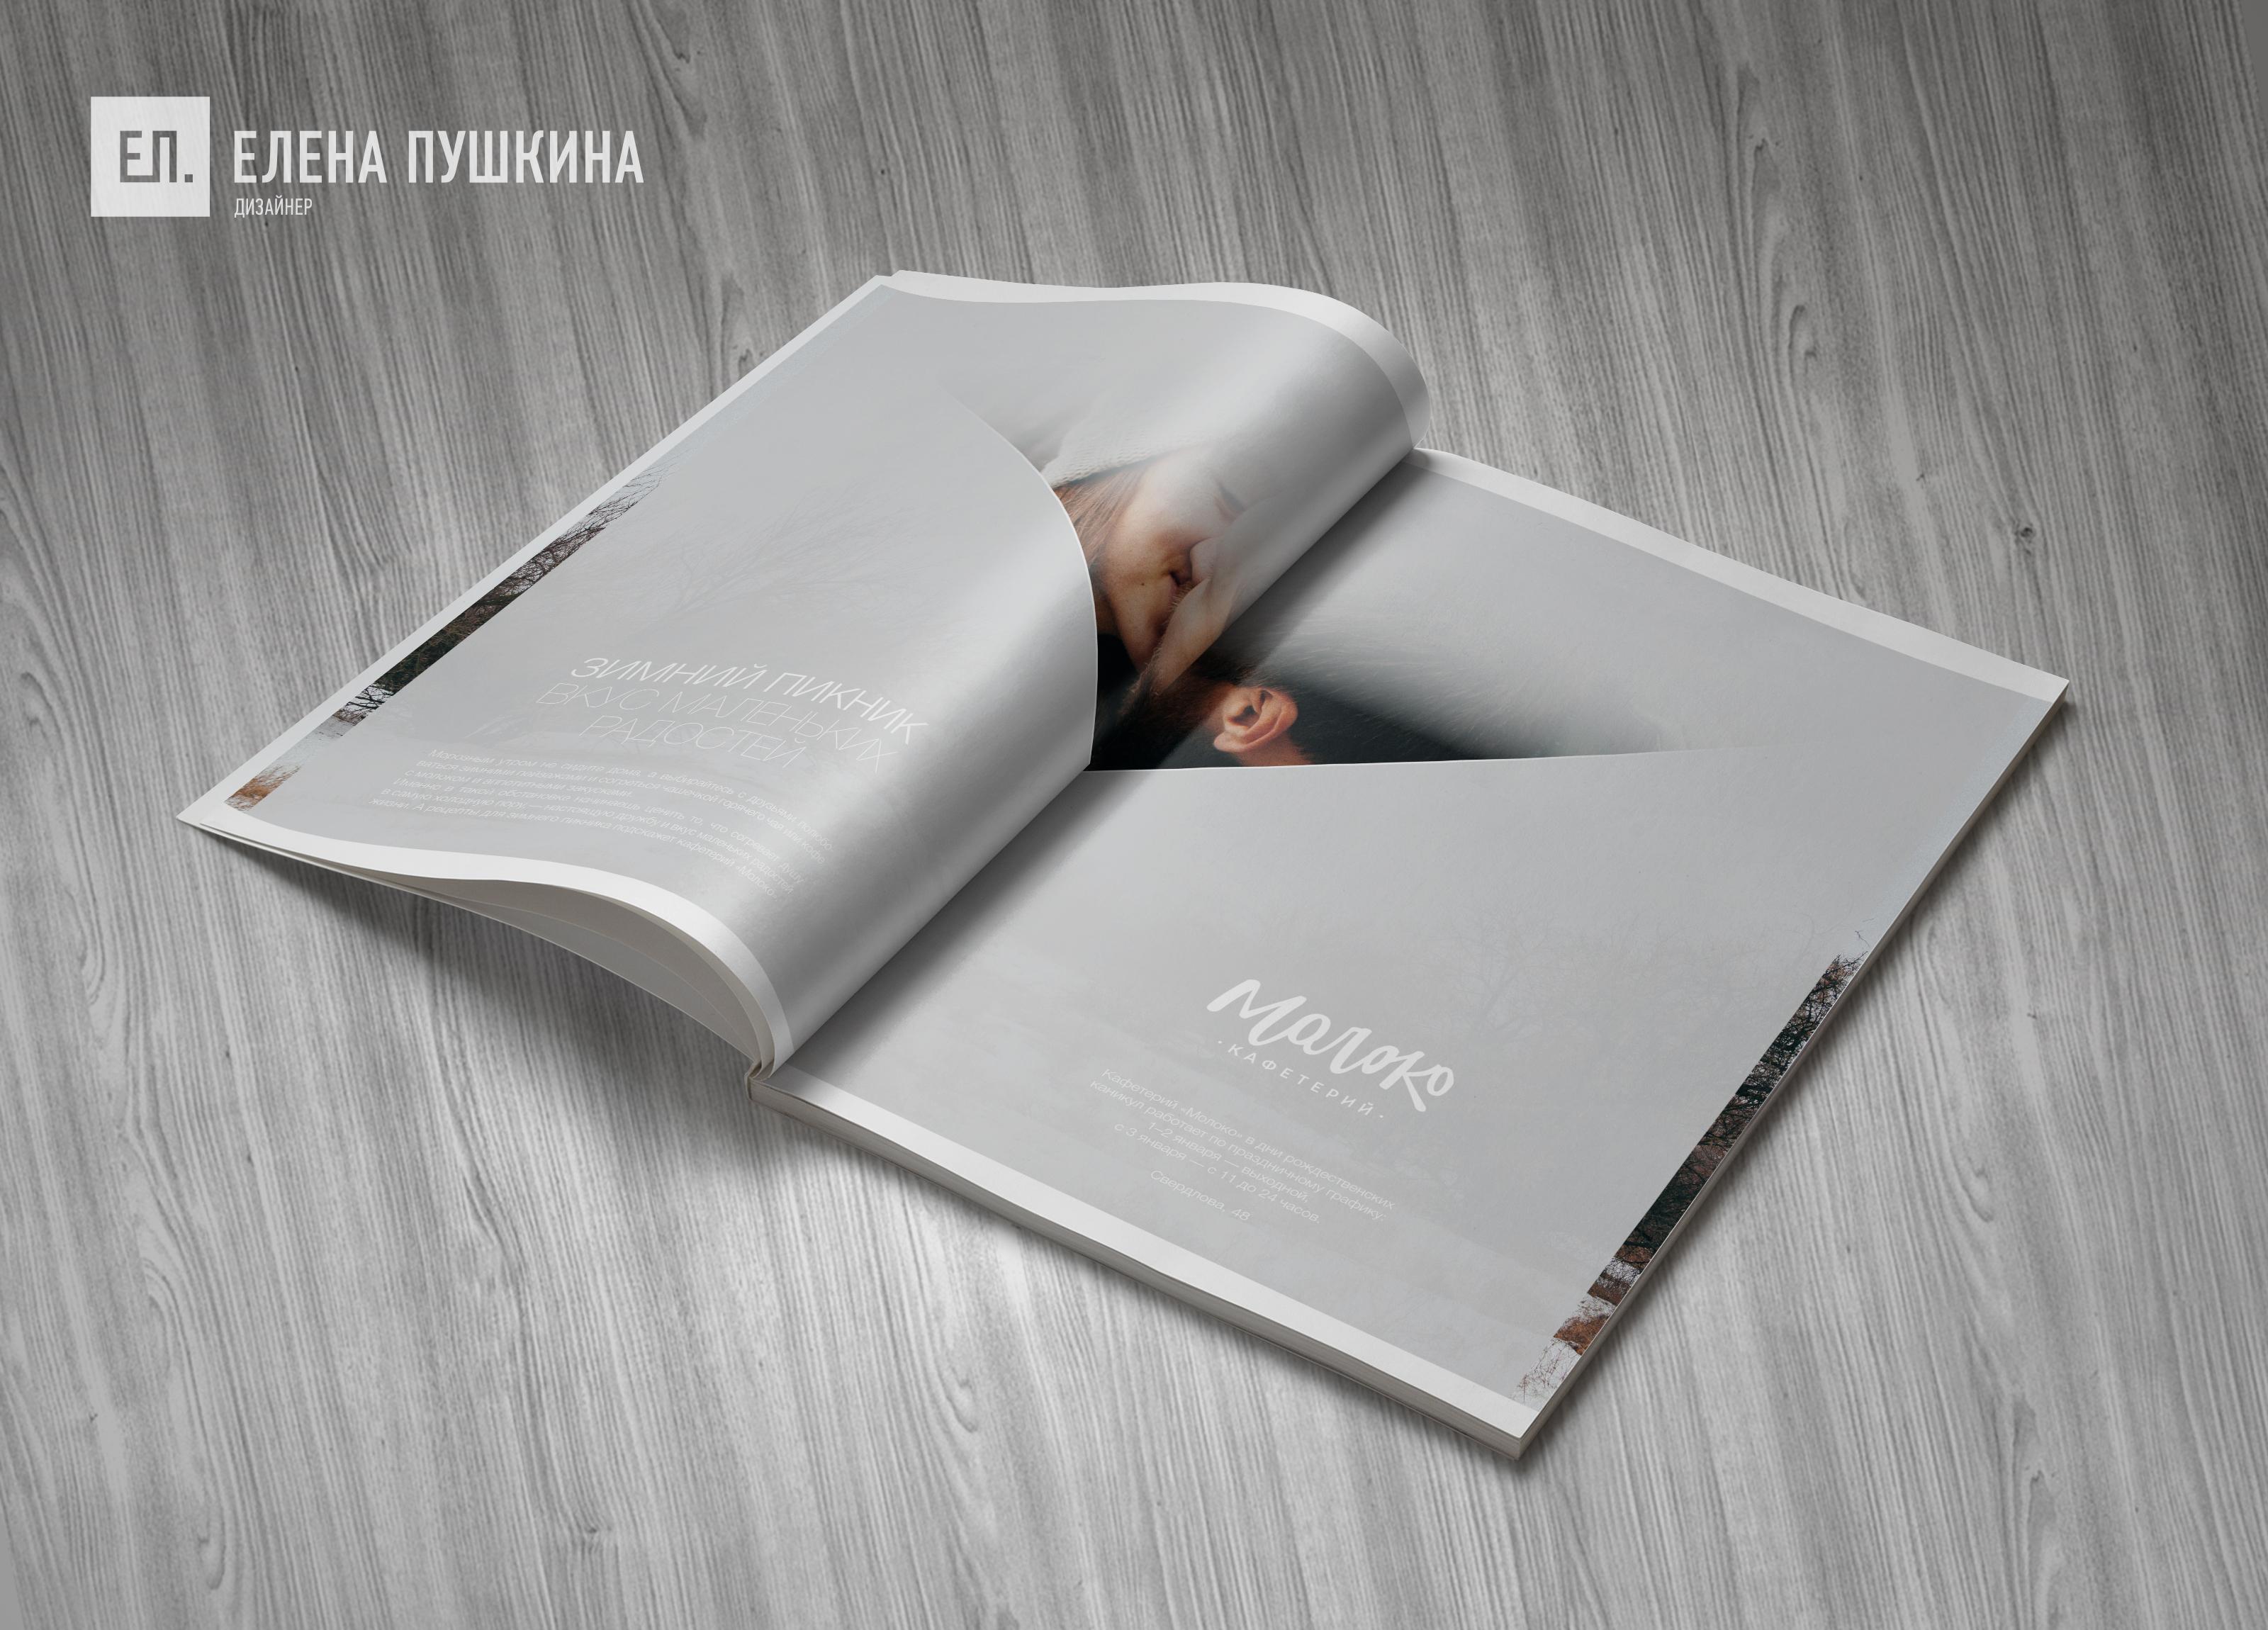 Глянцевый журнал «VITRINA»— разработка с«нуля» логотипа, обложки, макета ивёрстка журнала. Победитель премии «Лучший глянец»! Разработка журналов Портфолио